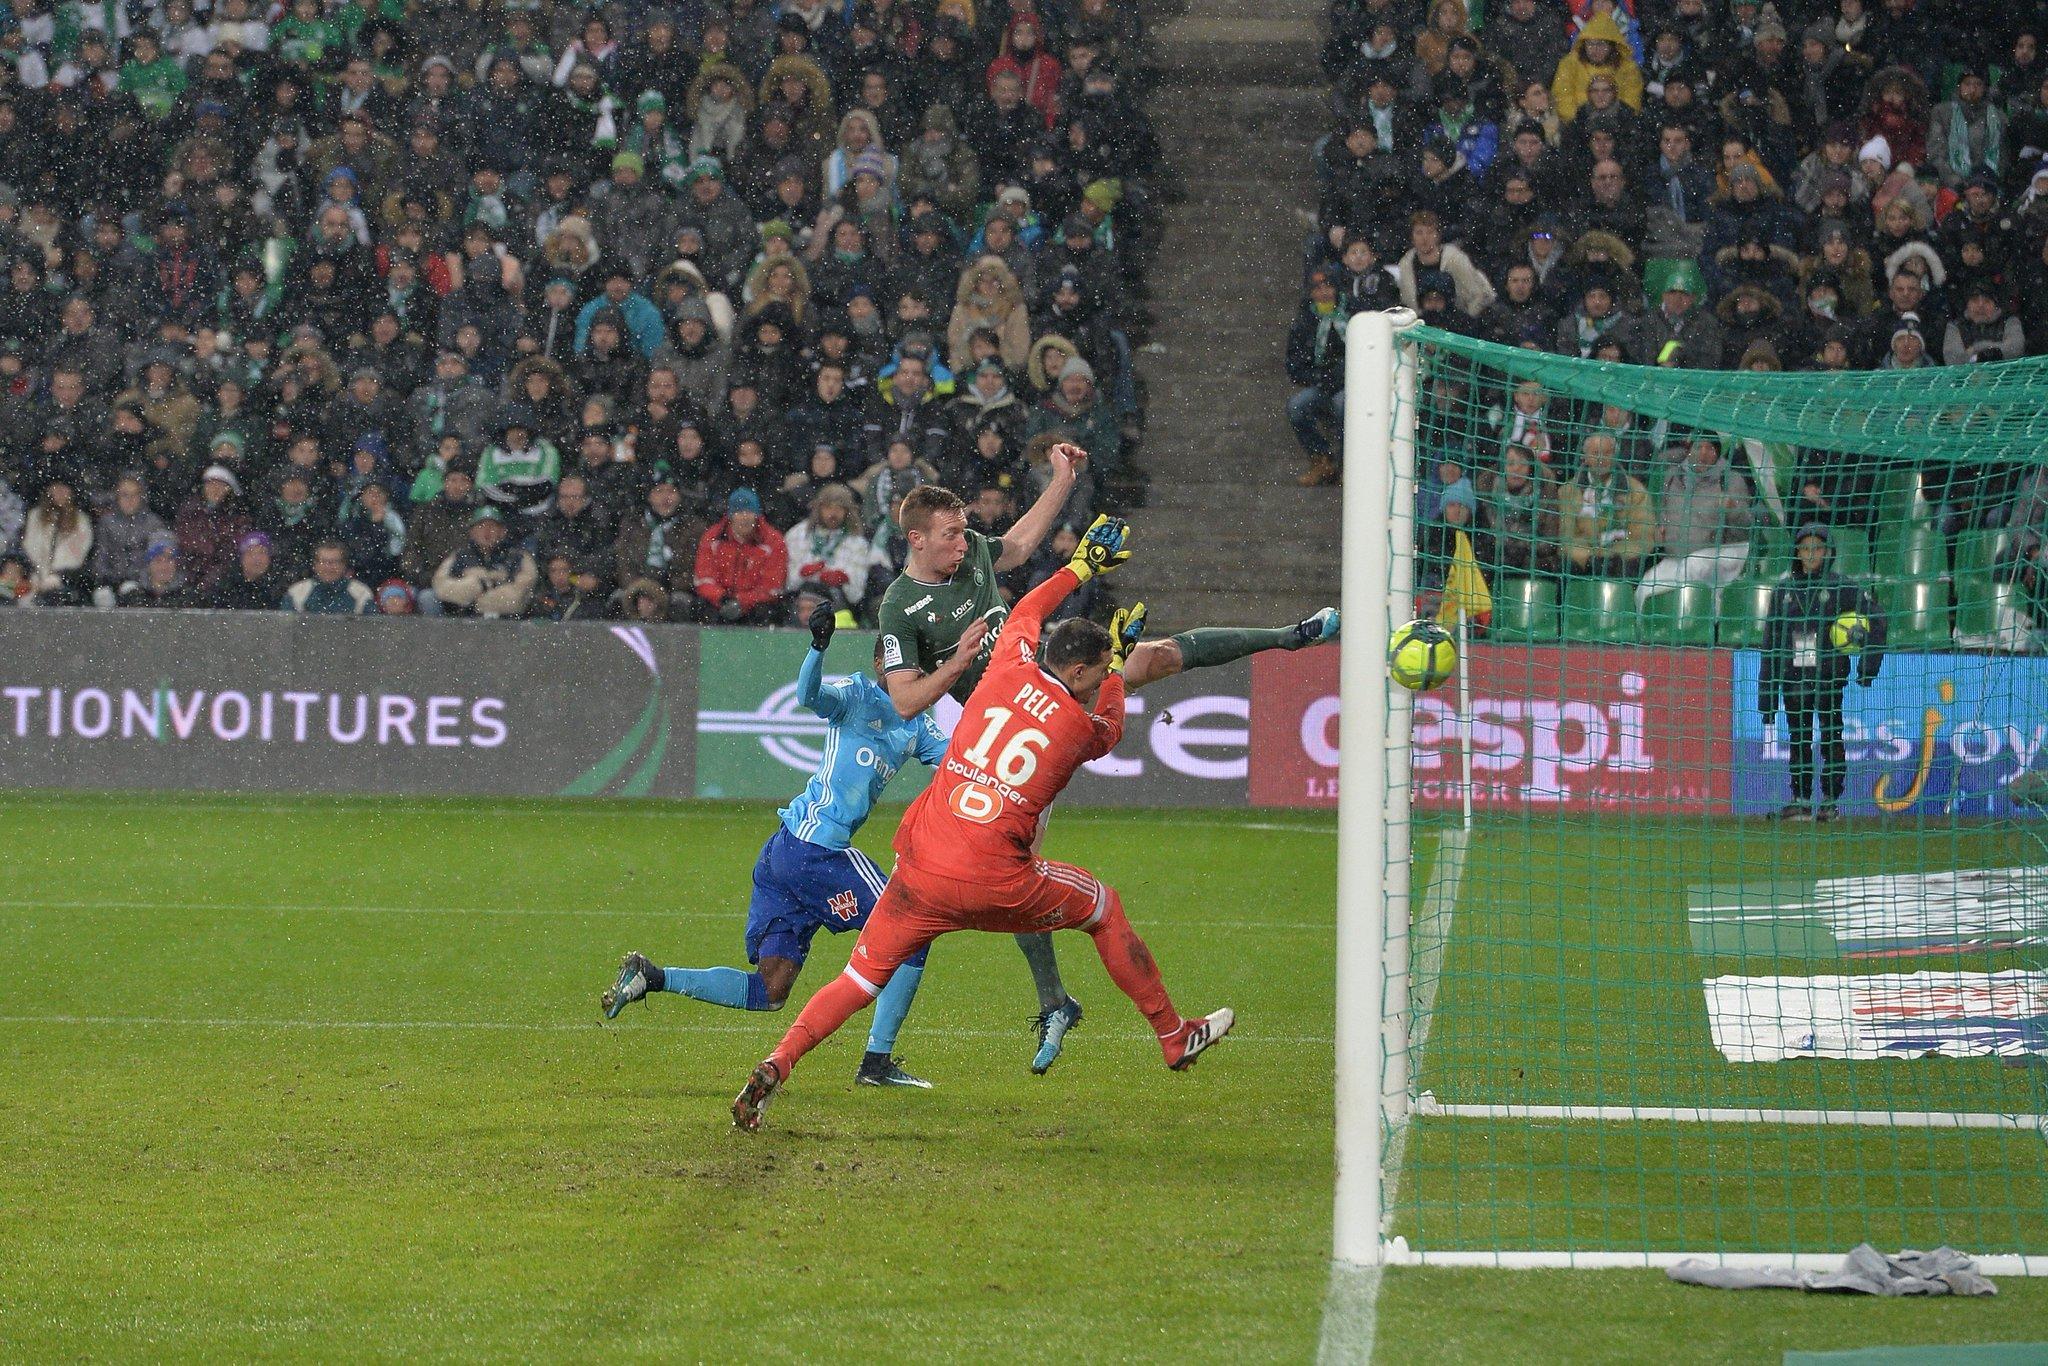 Gol do Saint-Étienne